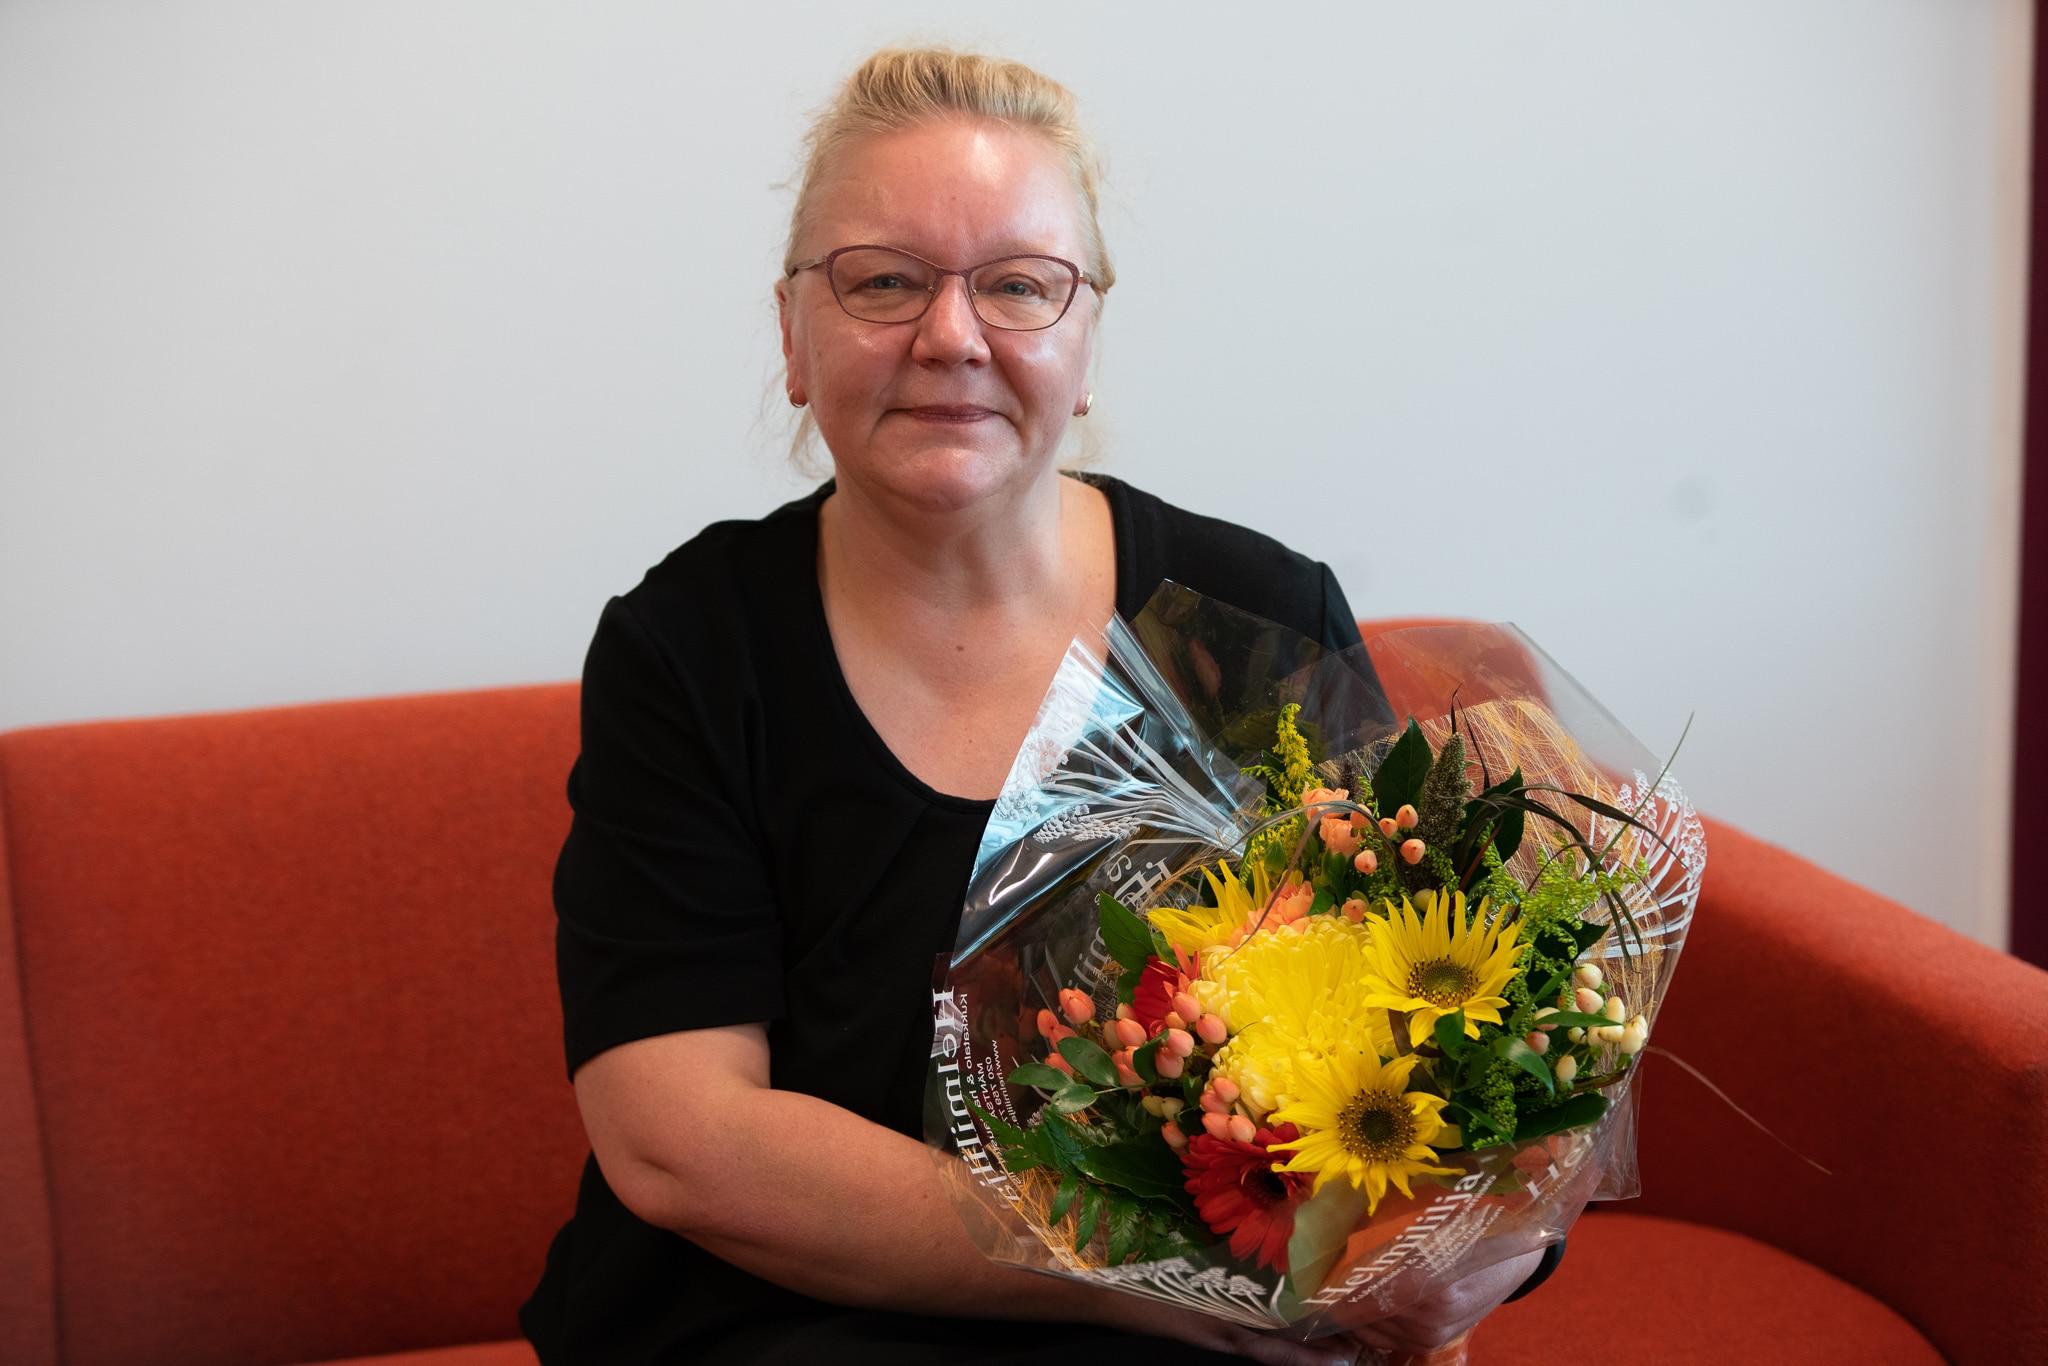 Kaupan alan vuoden 2020 työpaikkaohjaajana palkittu Maarit Holopainen istuu sohvalla kukkakimppu kädessä.